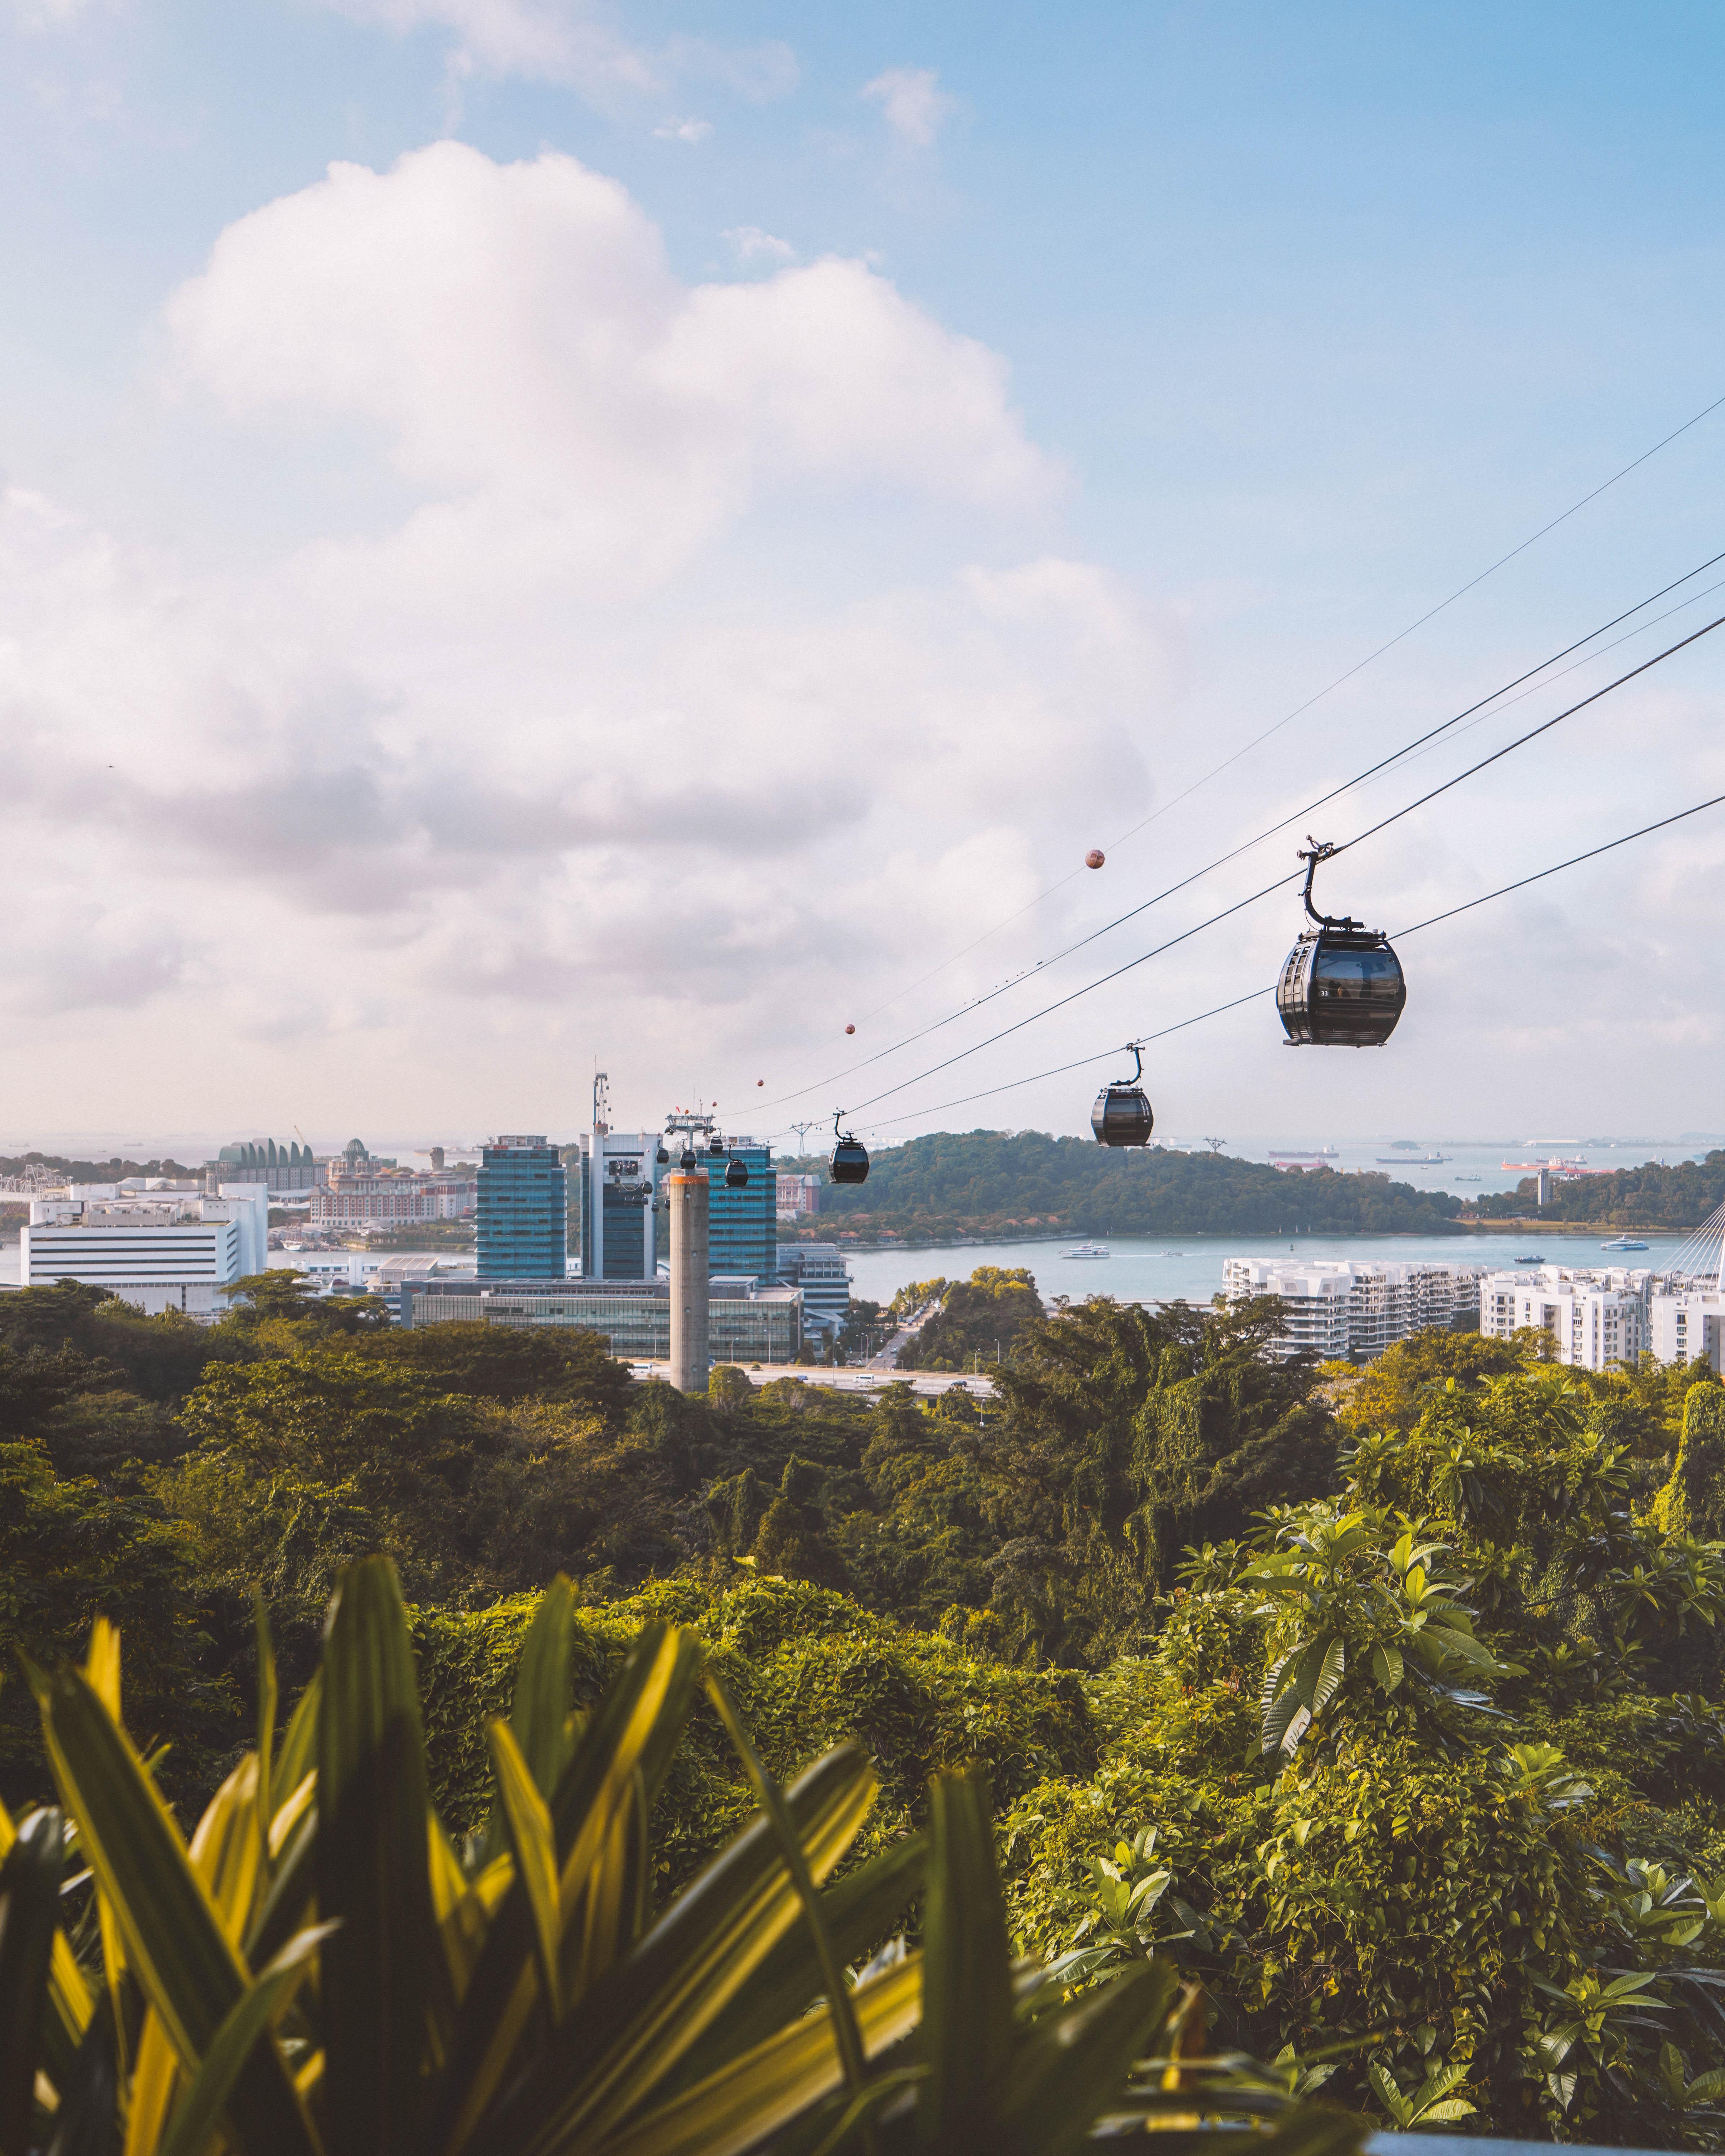 De kabelbaan van Mount Faber naar Sentosa island